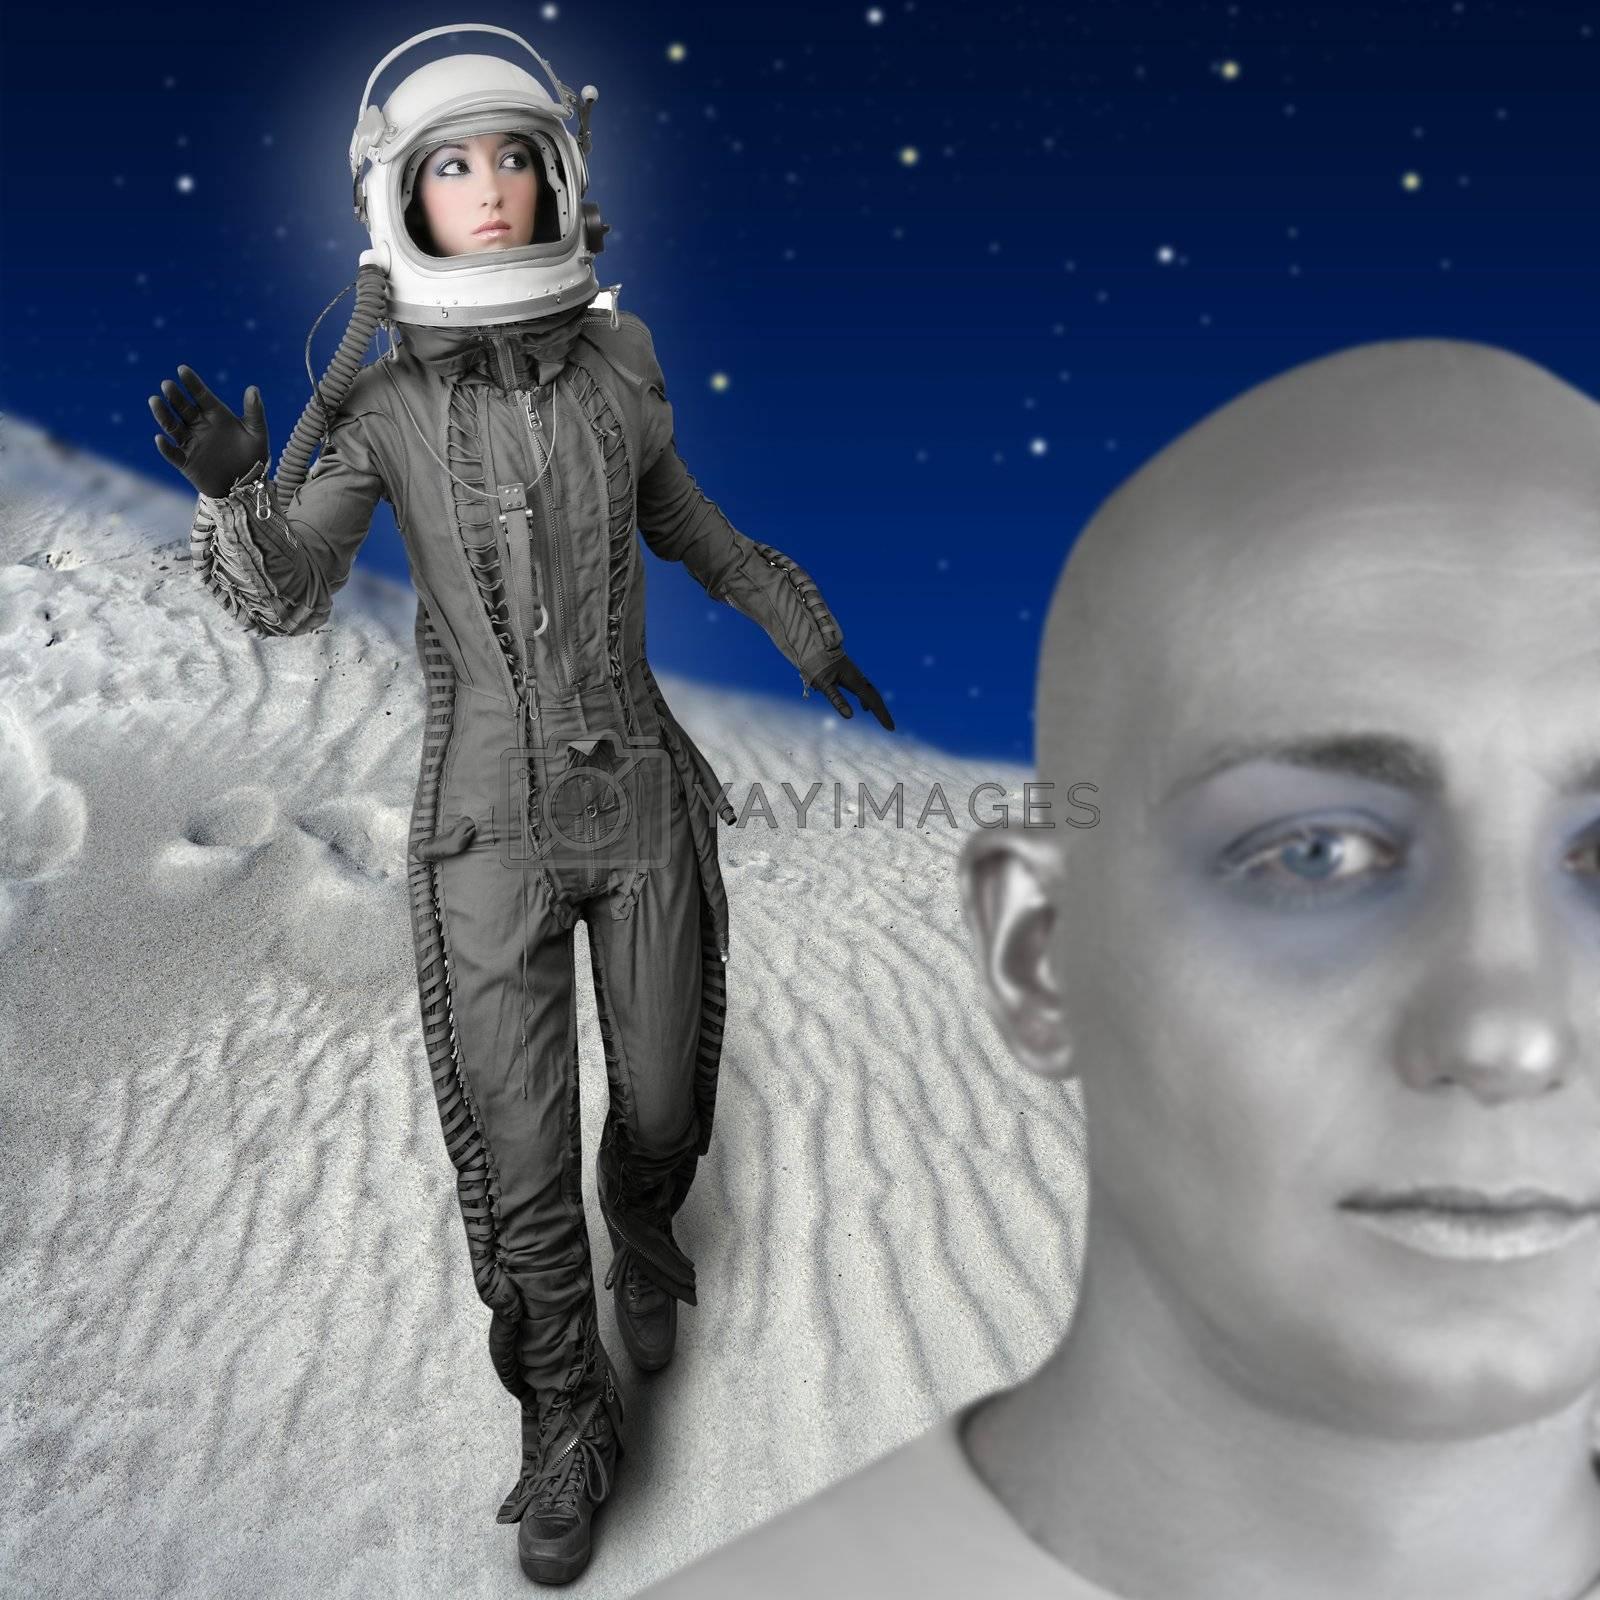 astronaut fashion woman full length space suit helmet alien planet metaphor